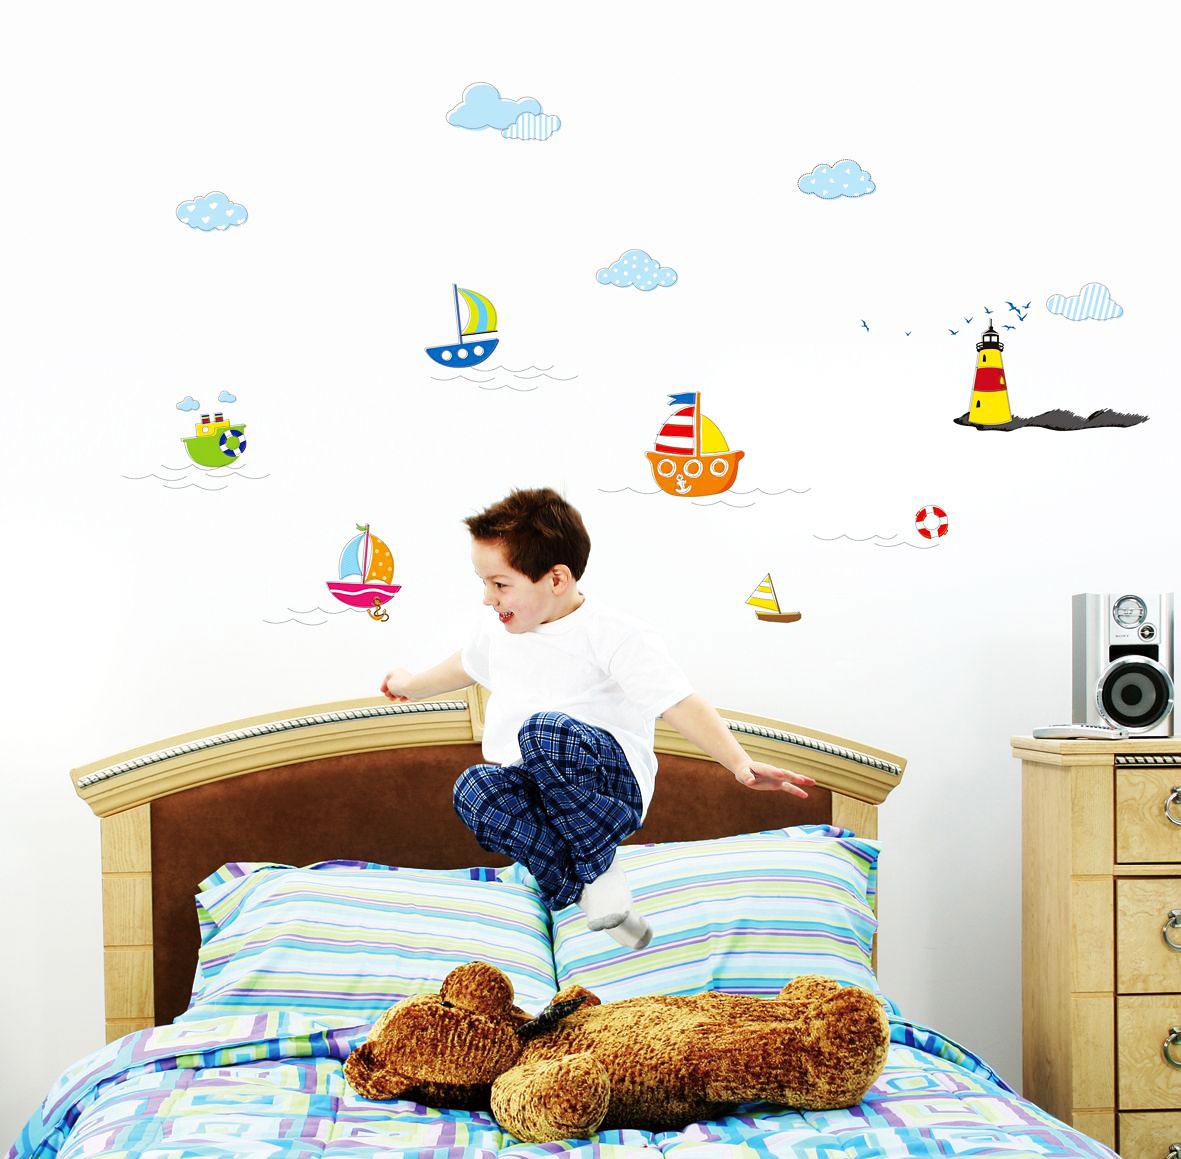 Wandtattoo Kinderzimmer Leuchtturm ~ Die beste Idee Idee für ...